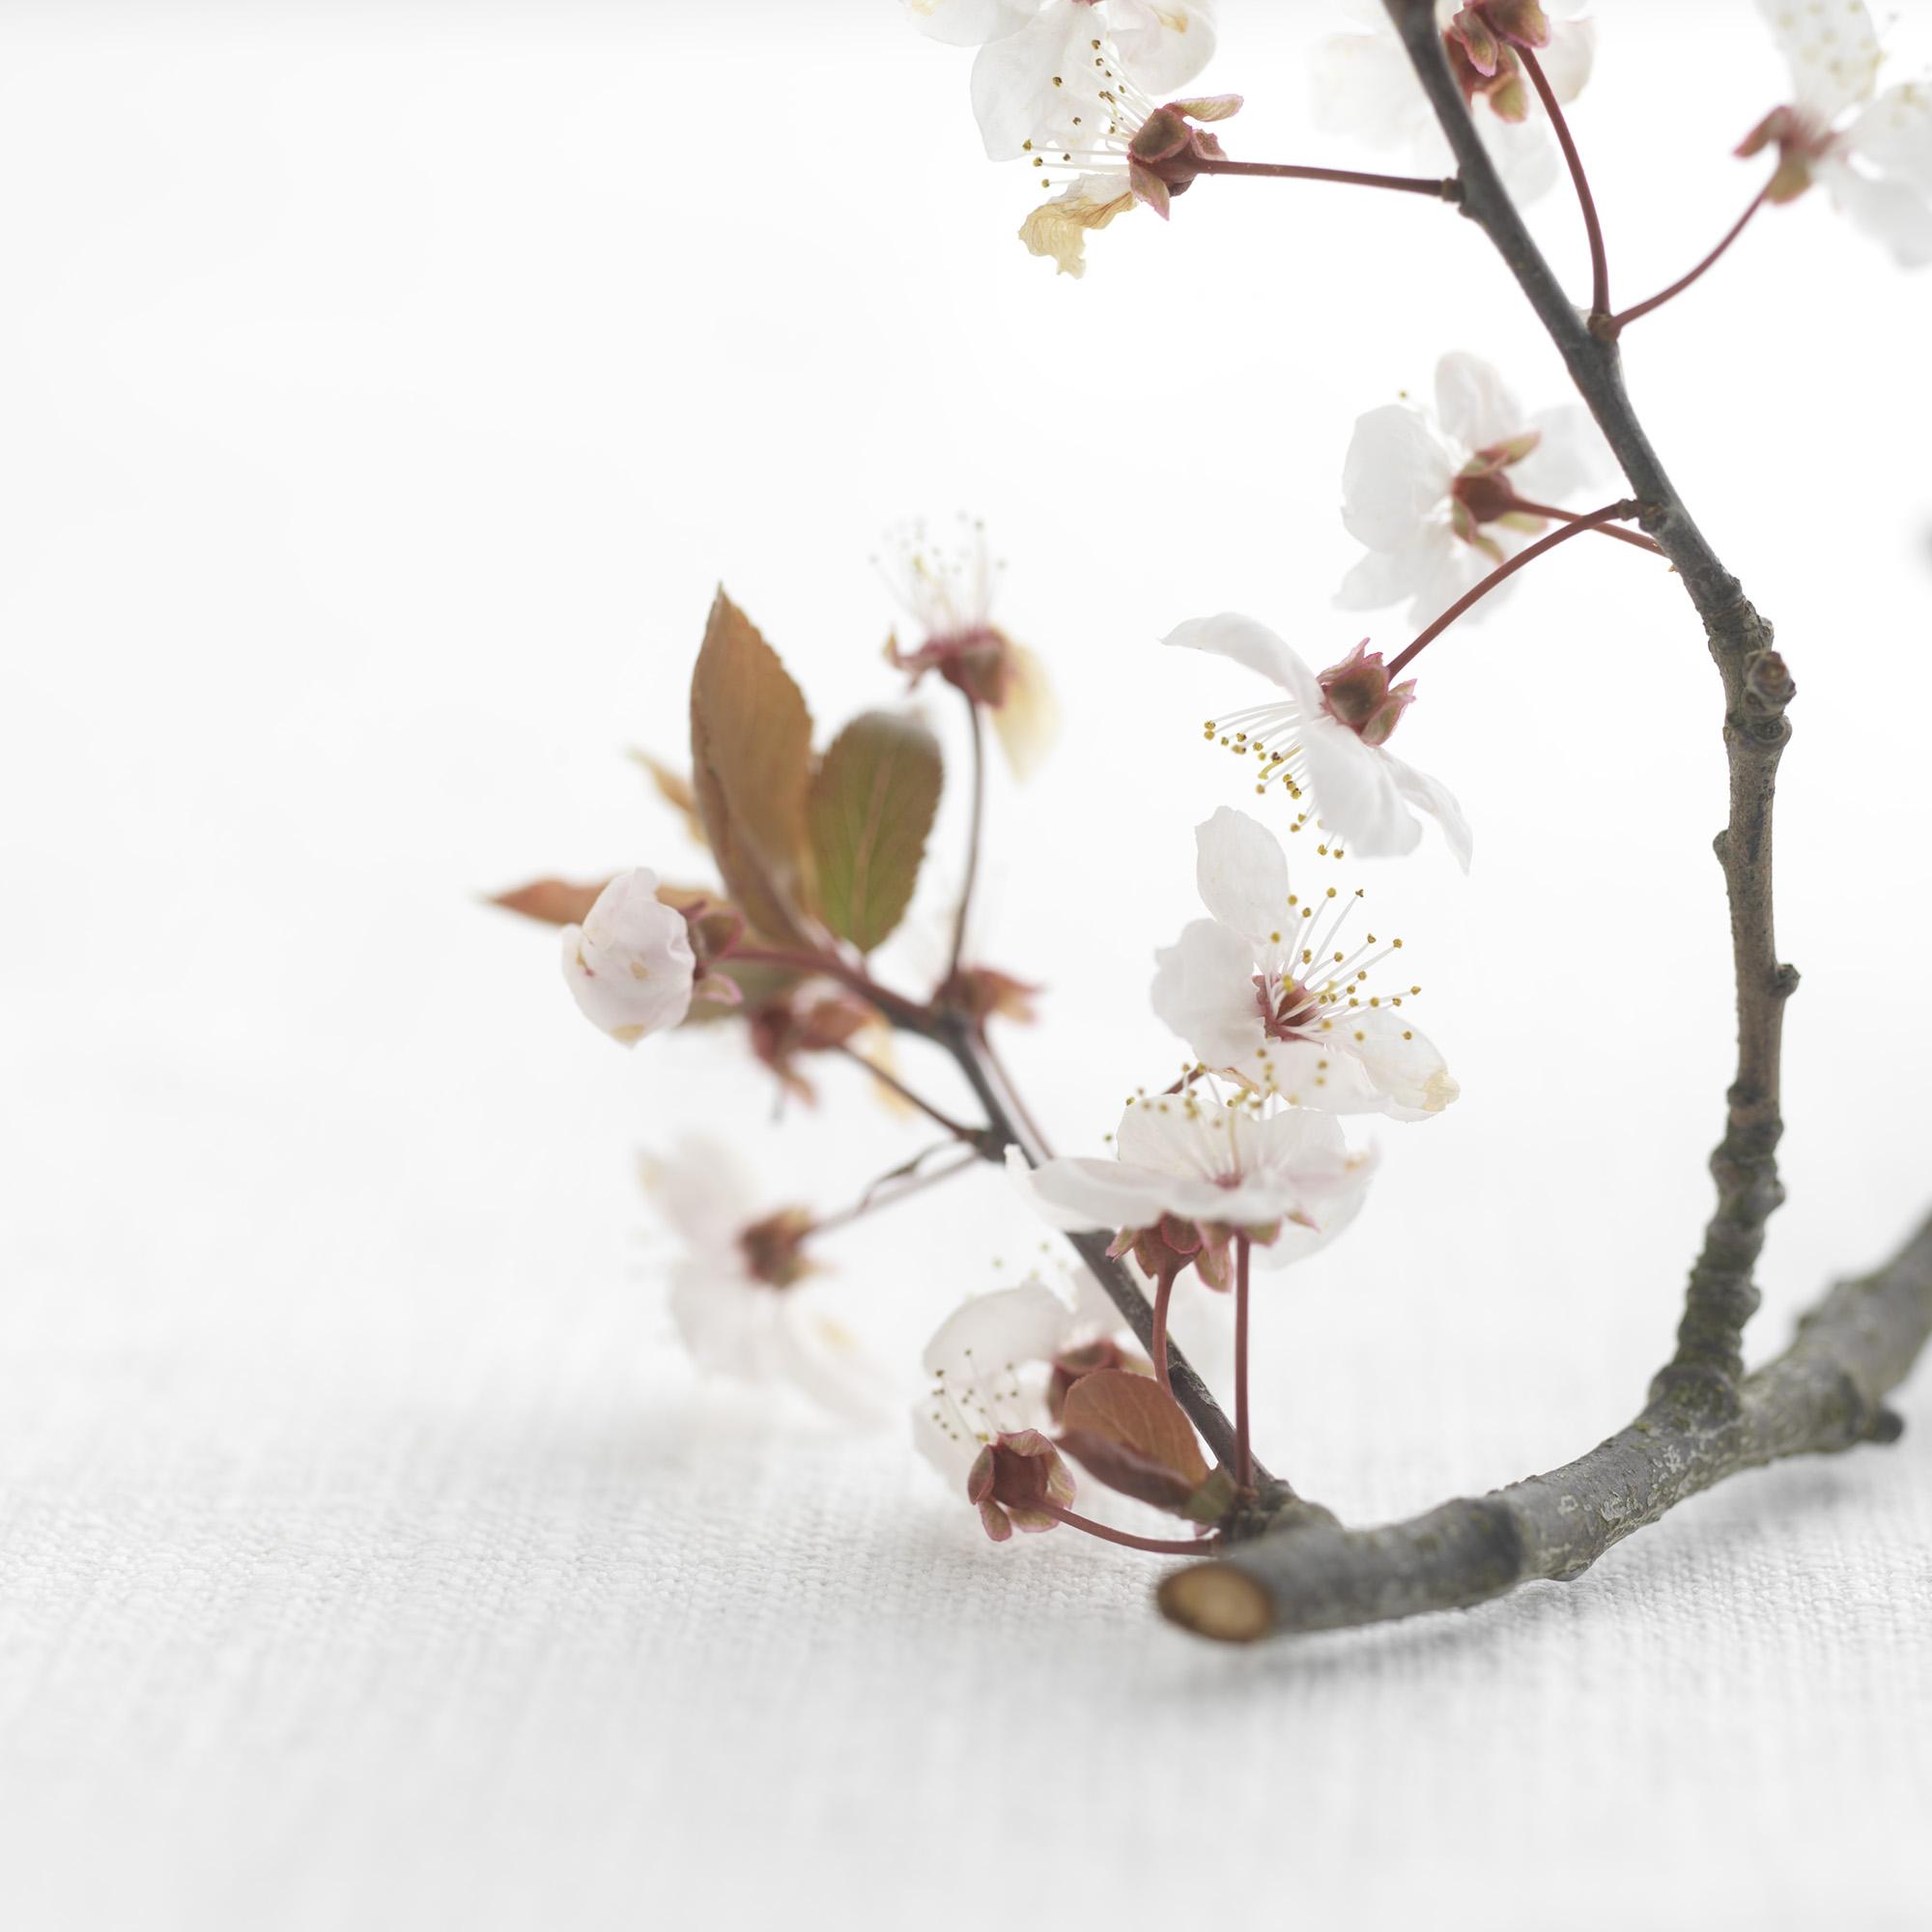 Flowers 005.jpg